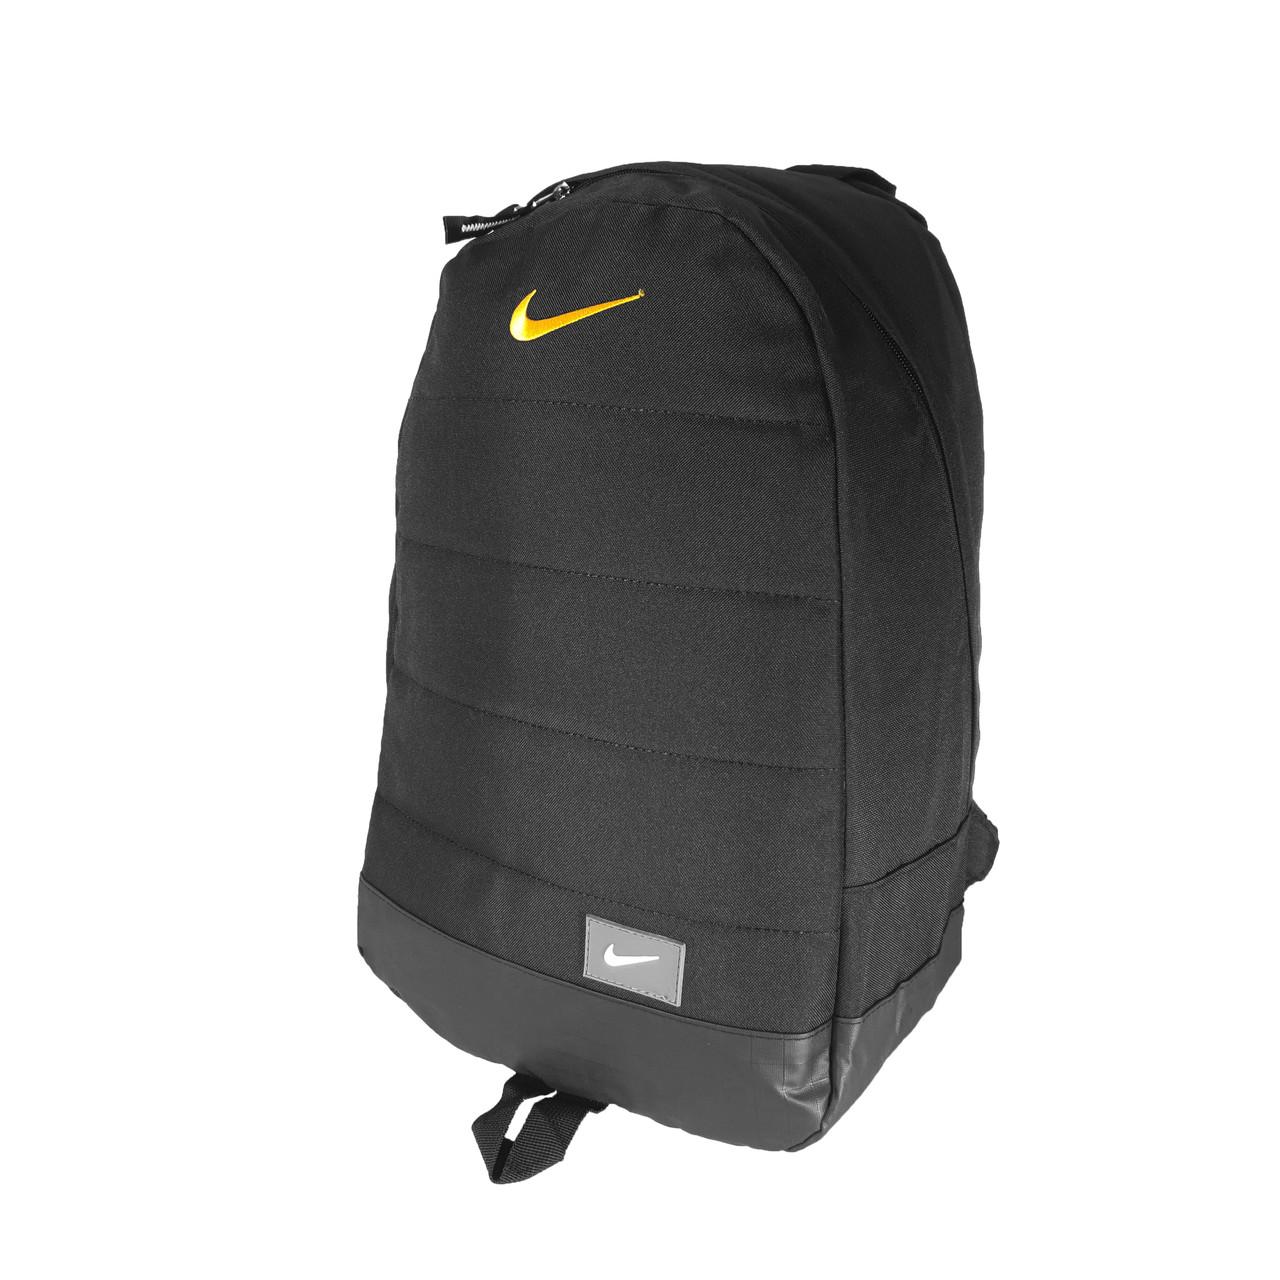 Спортивный рюкзак Nike с поясной поддержкой